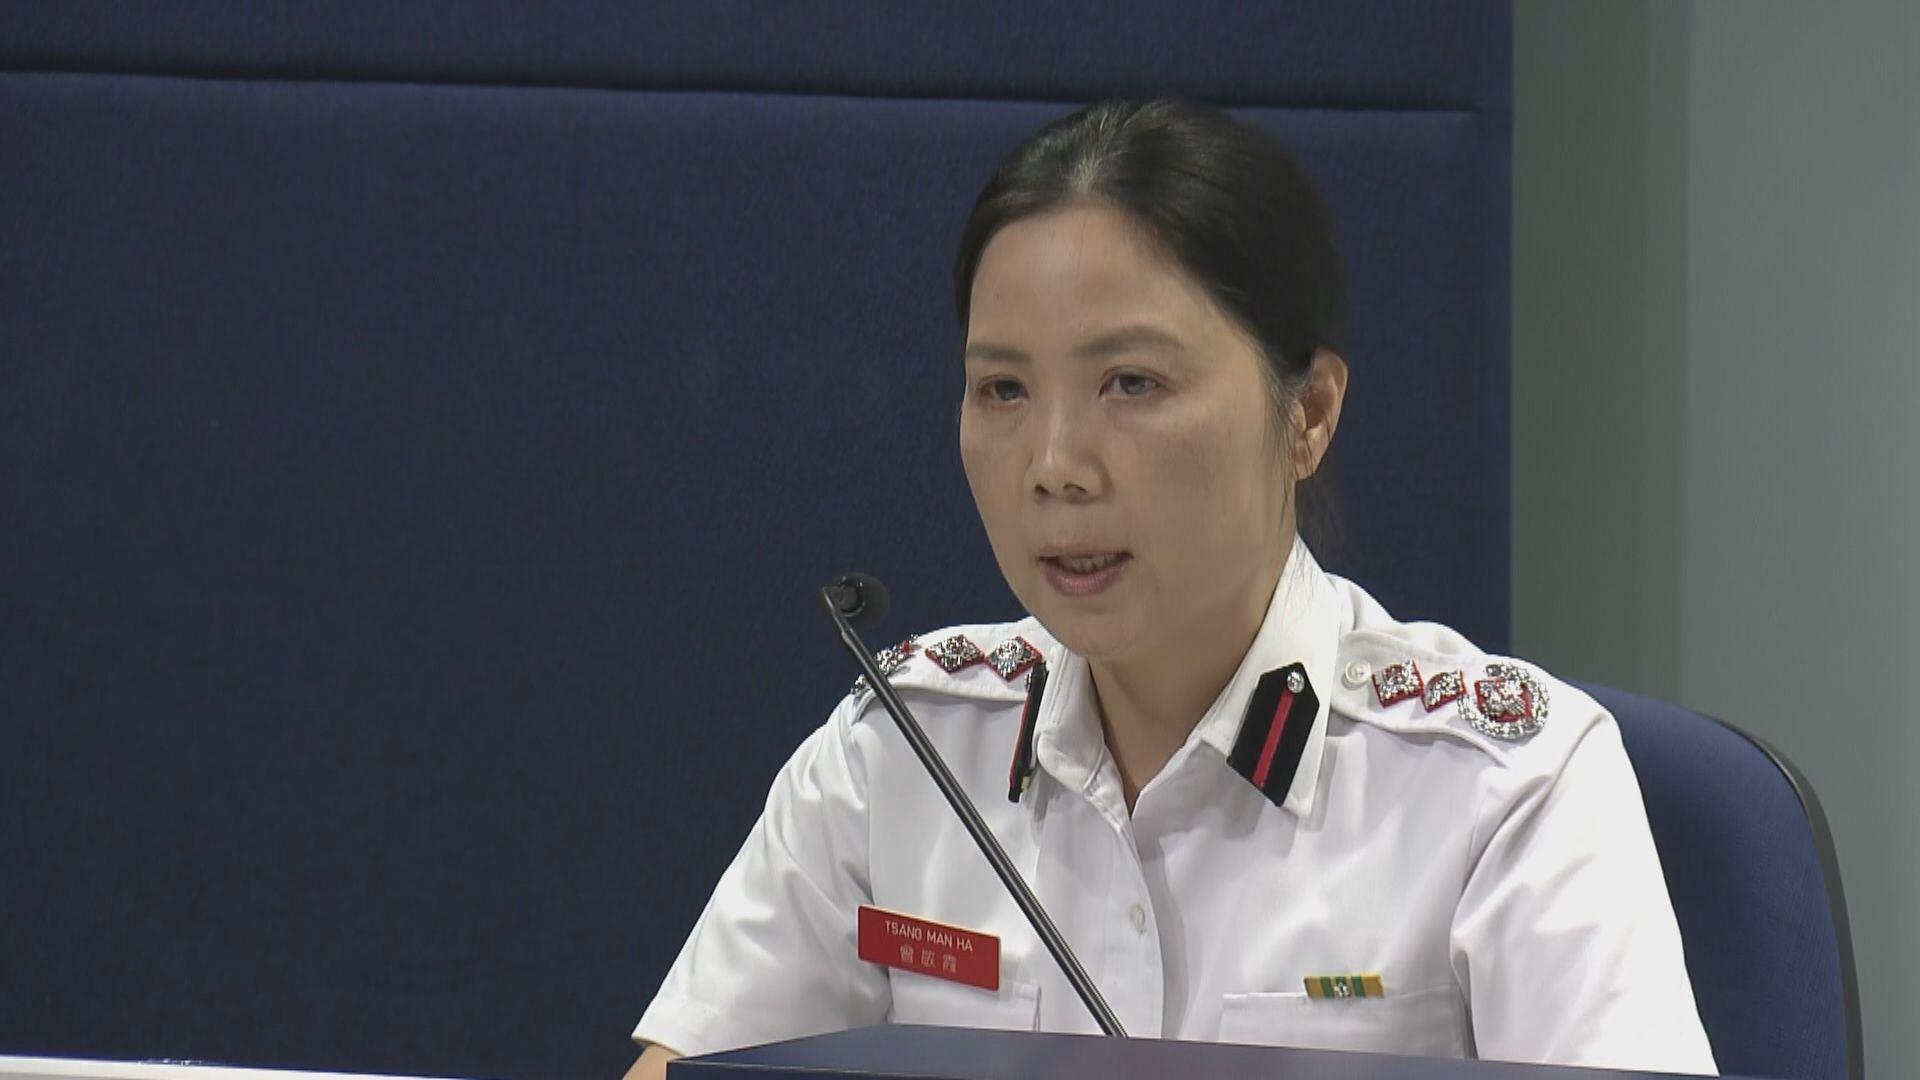 831太子站傷者人數 消防處更正為7人